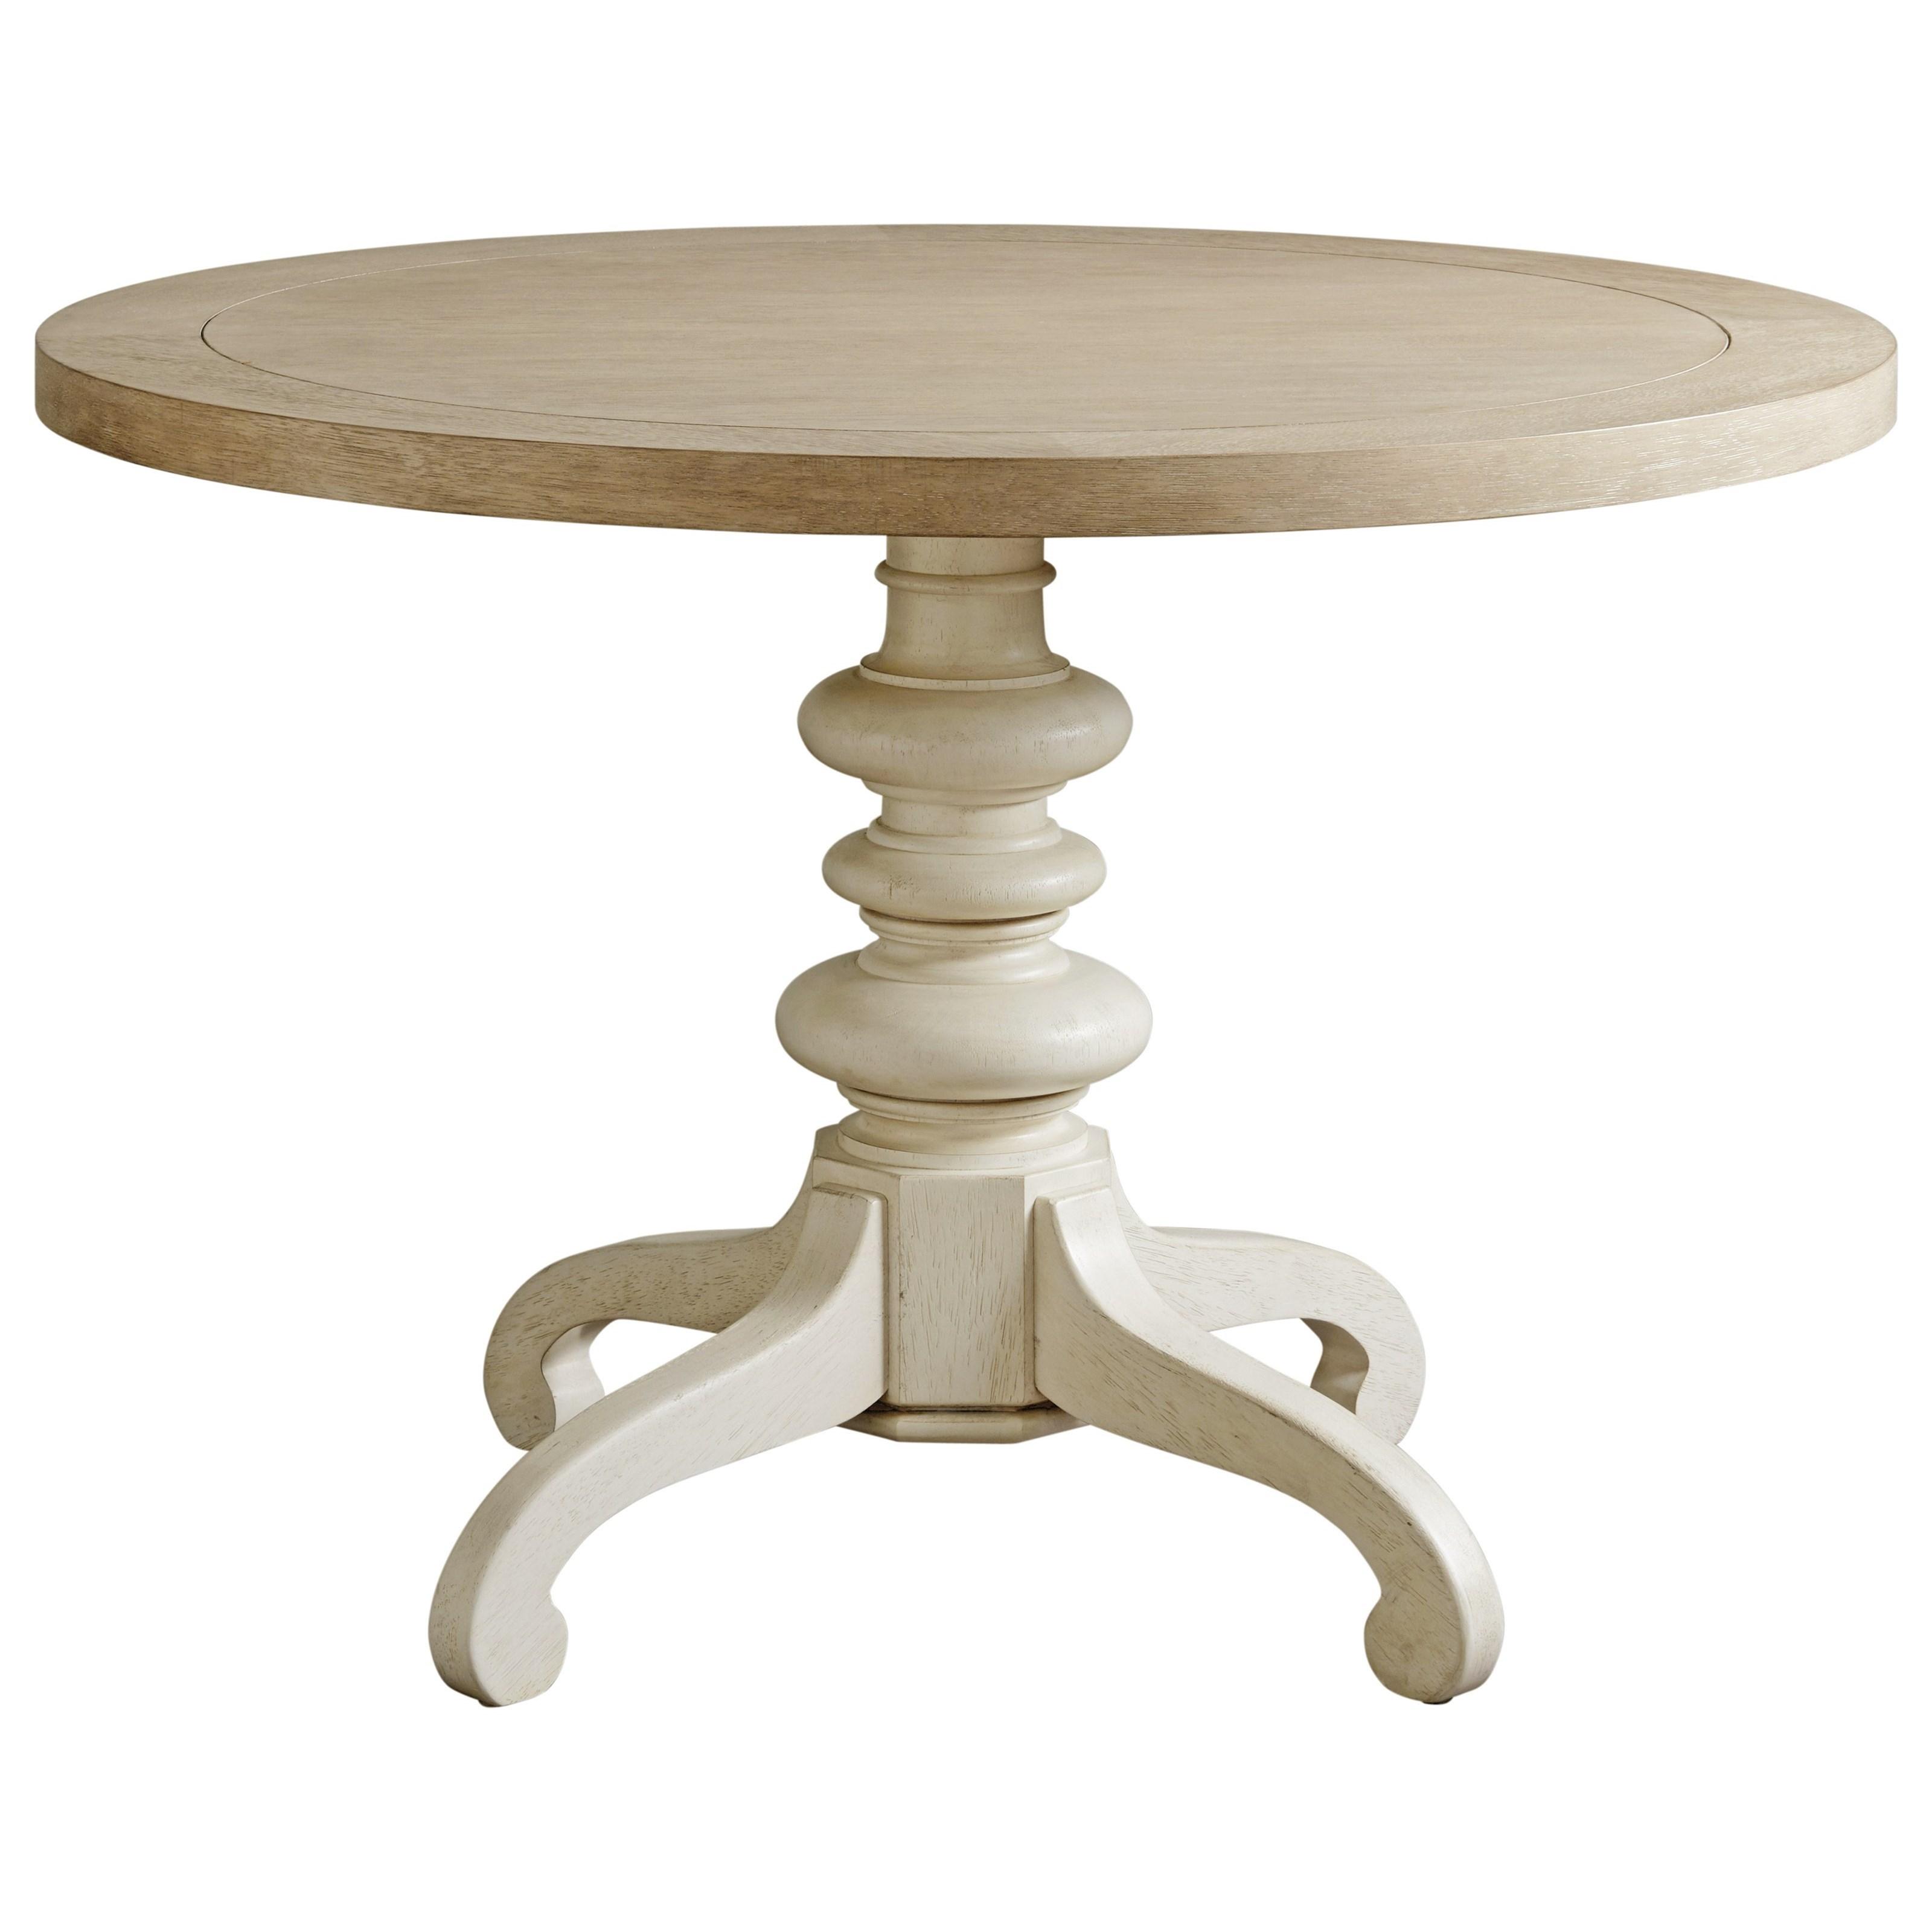 Malibu Latigo Center Table by Barclay Butera at Baer's Furniture